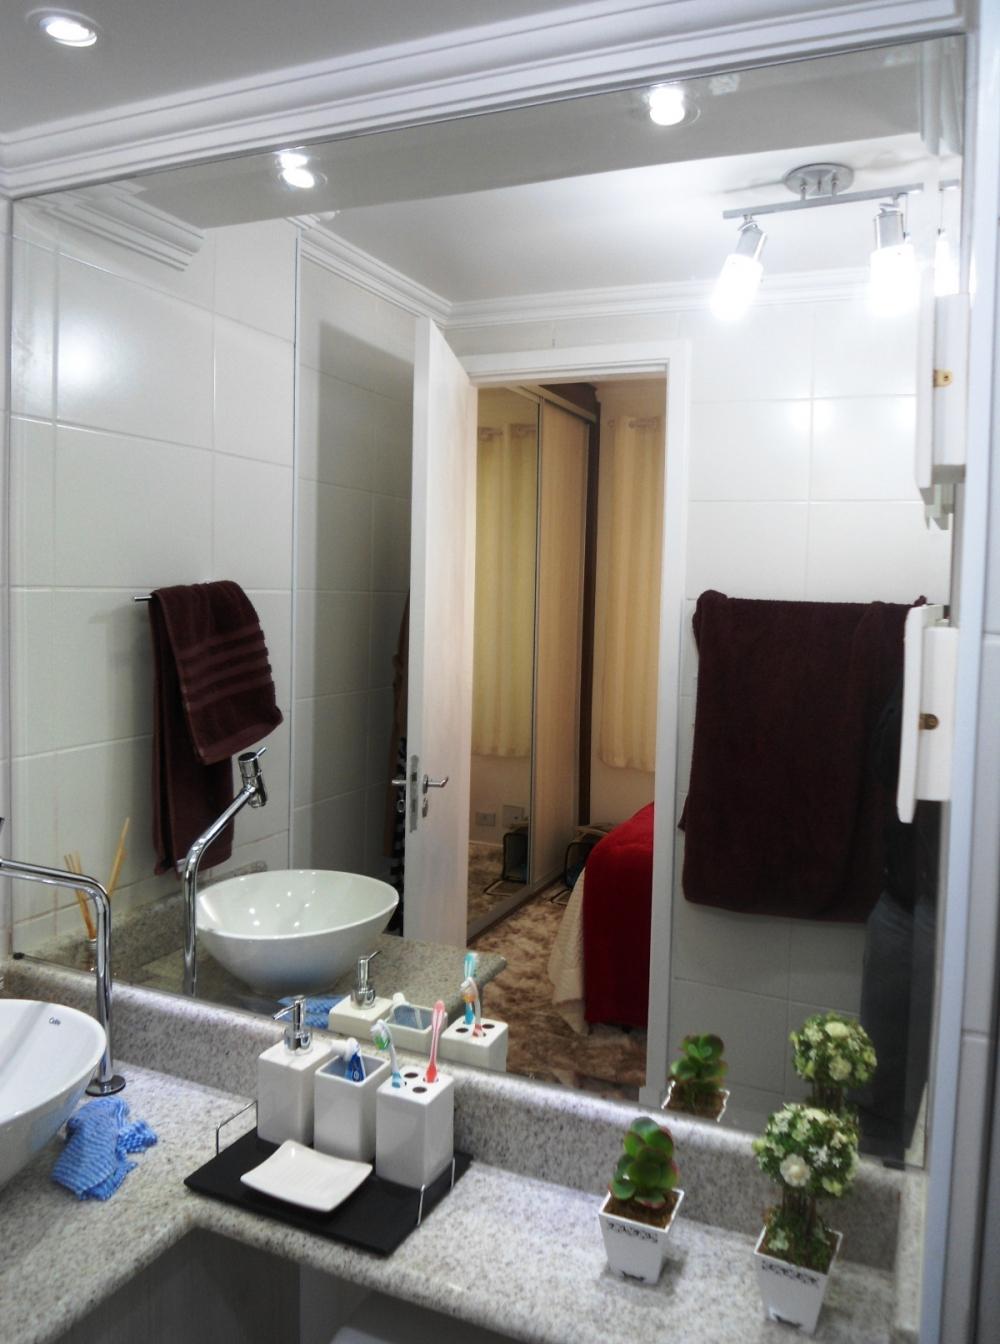 Box de Vidro Temperado em Santana - Vidraçaria de Box para Banheiro